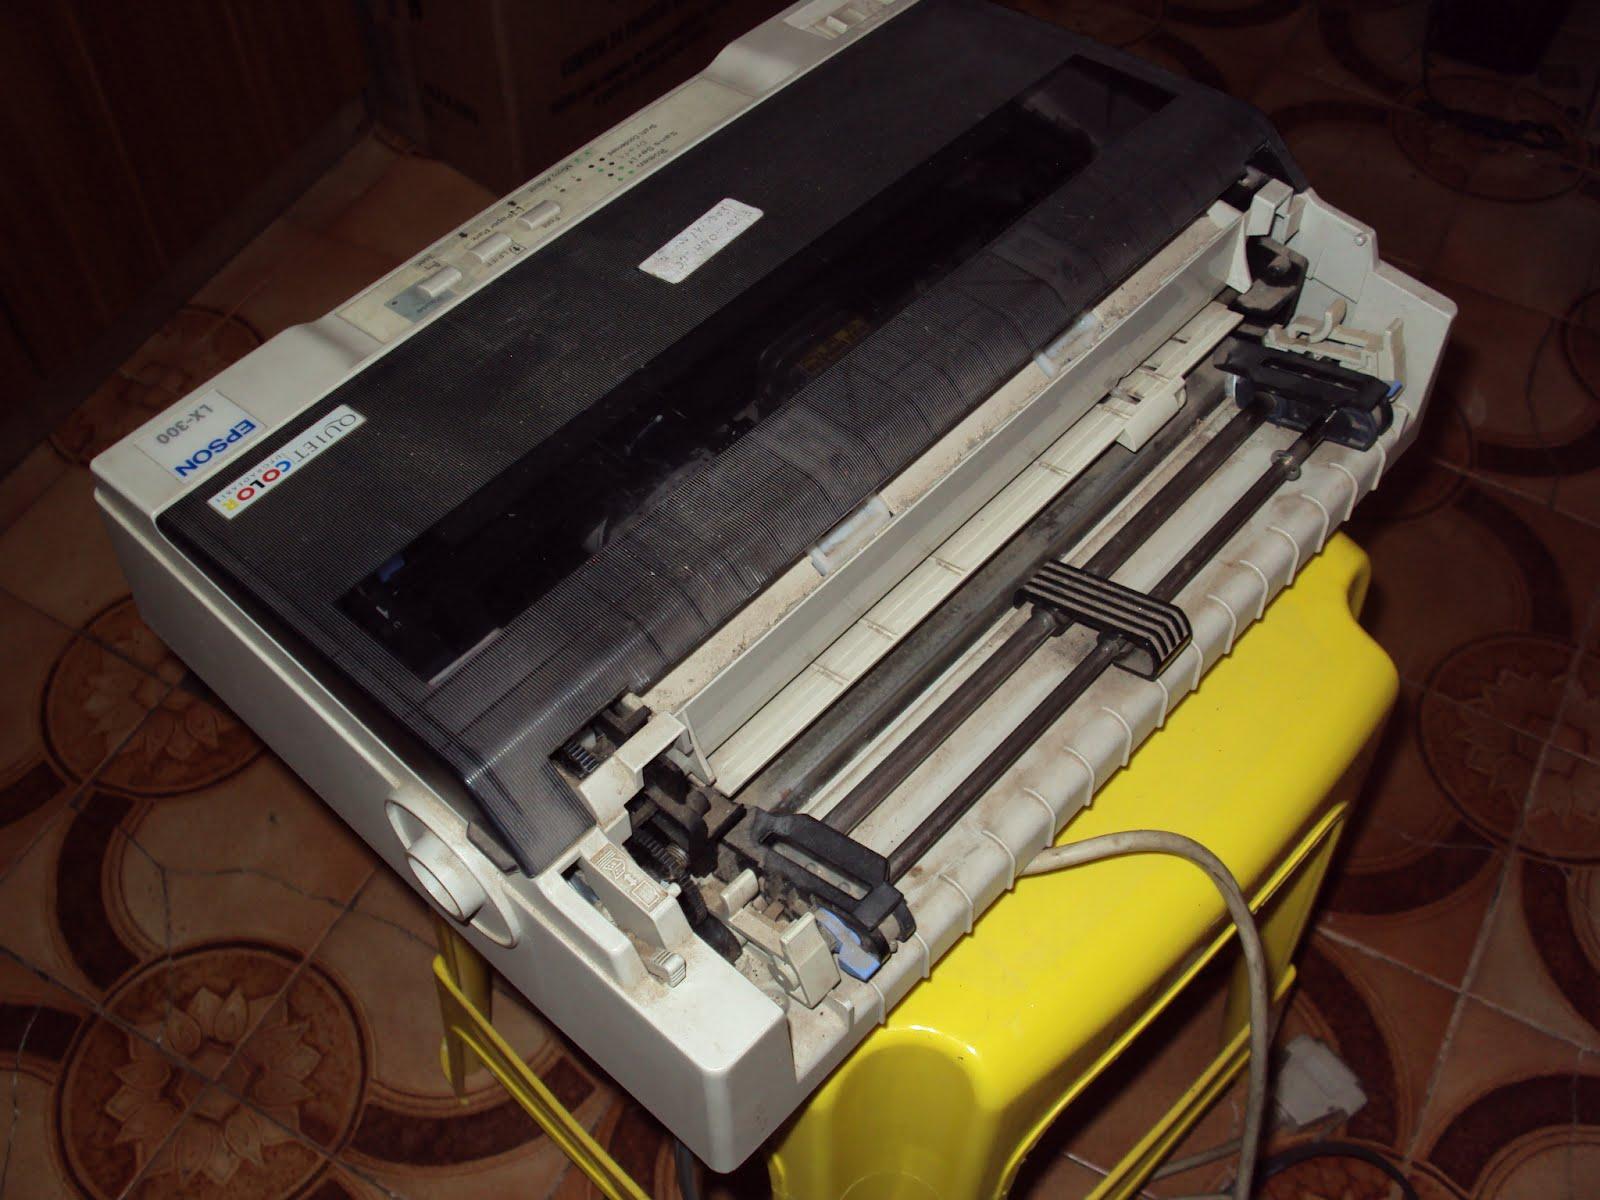 brinquedos%2C+impressoras+%2Cmedalha+e+vitrola+102.JPG (1600×1200)